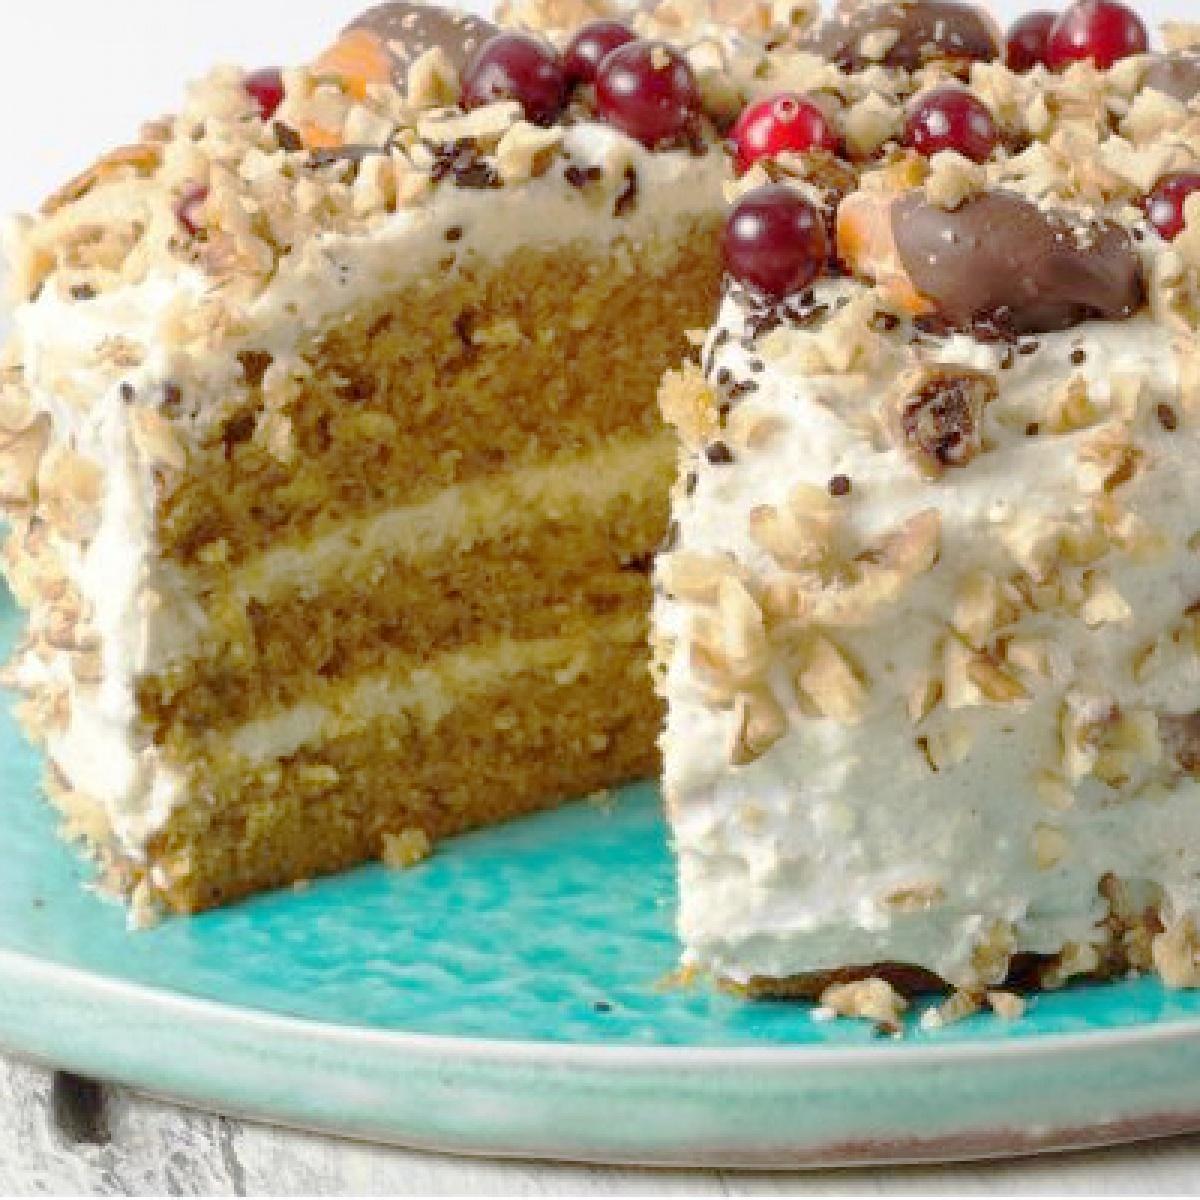 Рецепт торта пп без сахара - с калорийностью и пошаговыми фото.